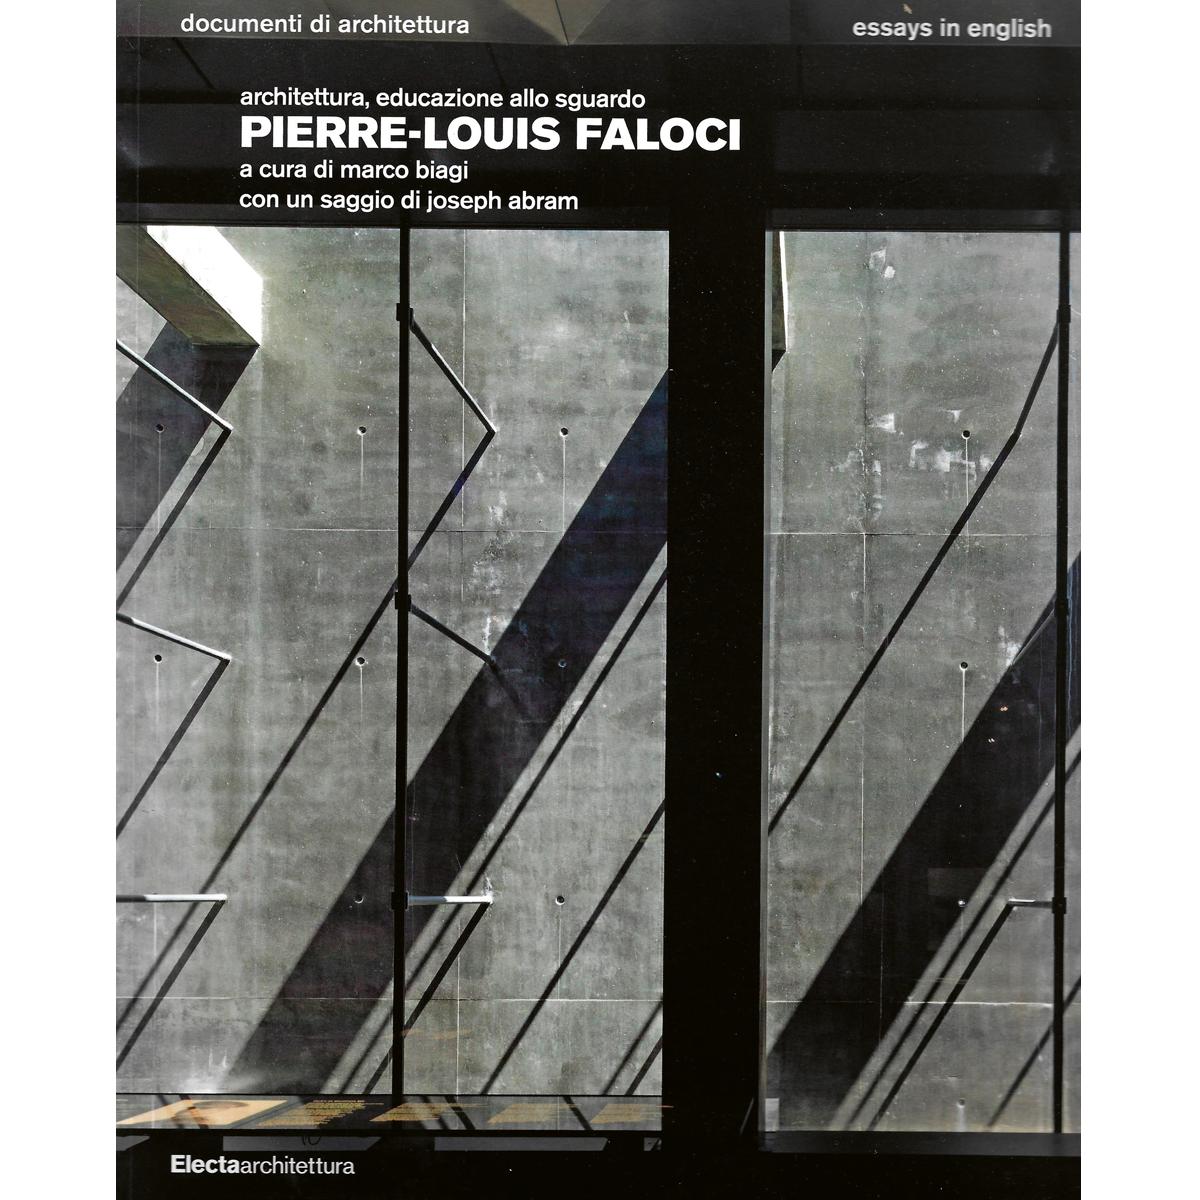 Pierre-Louis Faloci